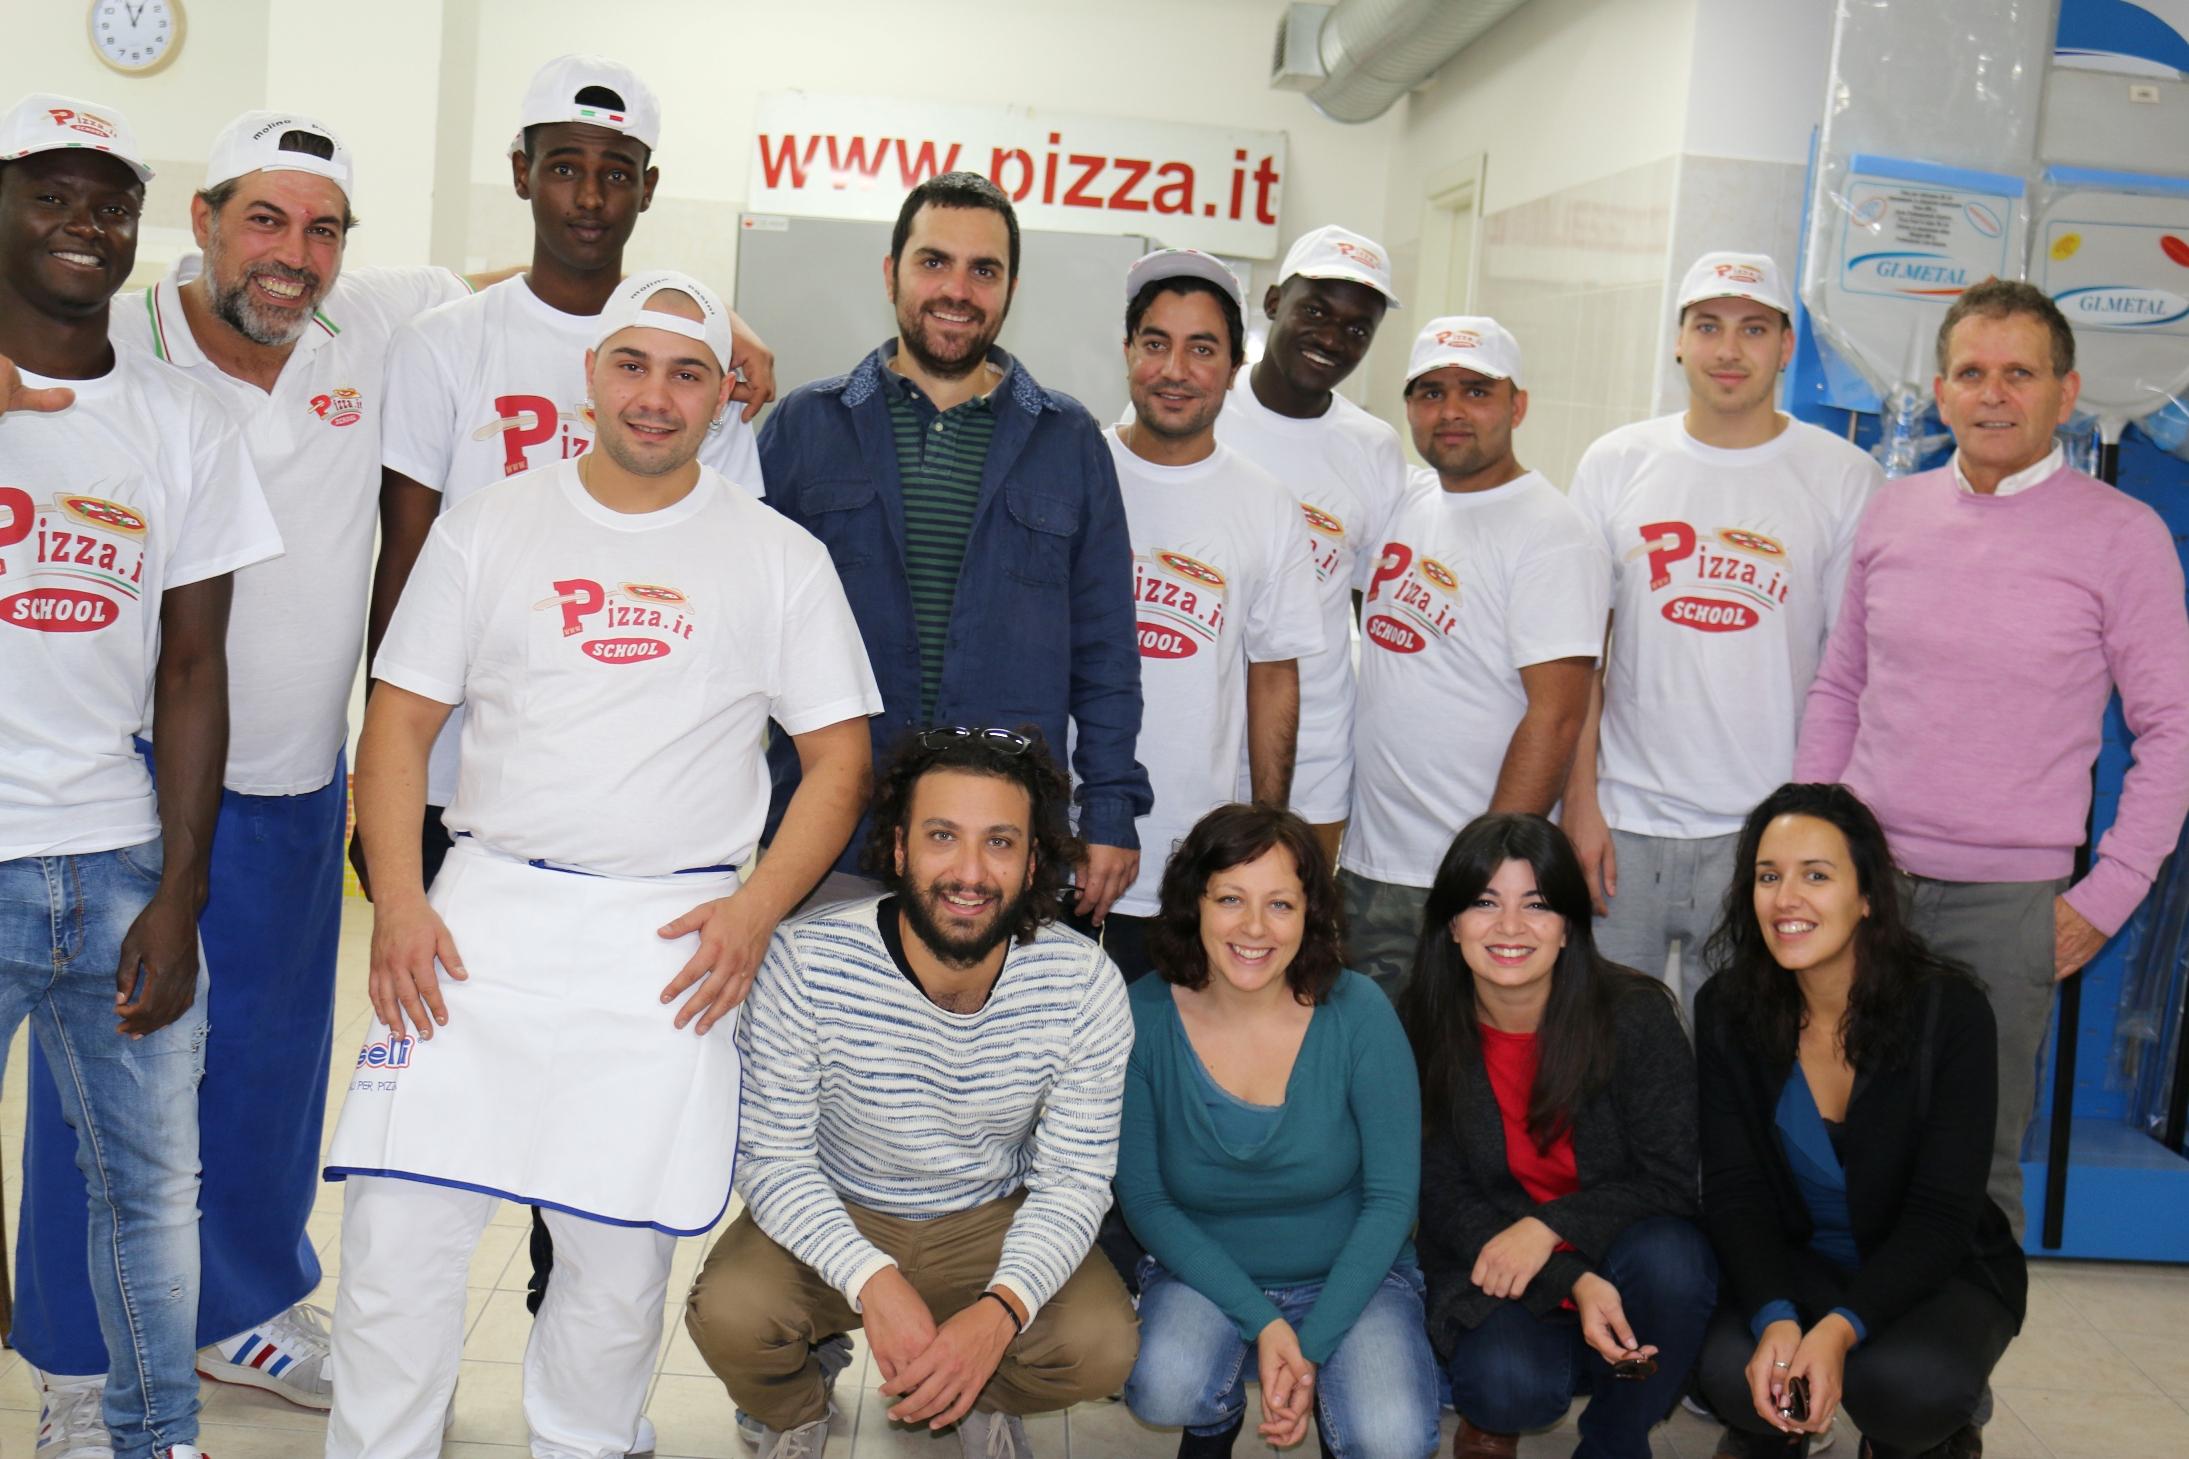 Allievi corso pizzaioli- Pizza.it School